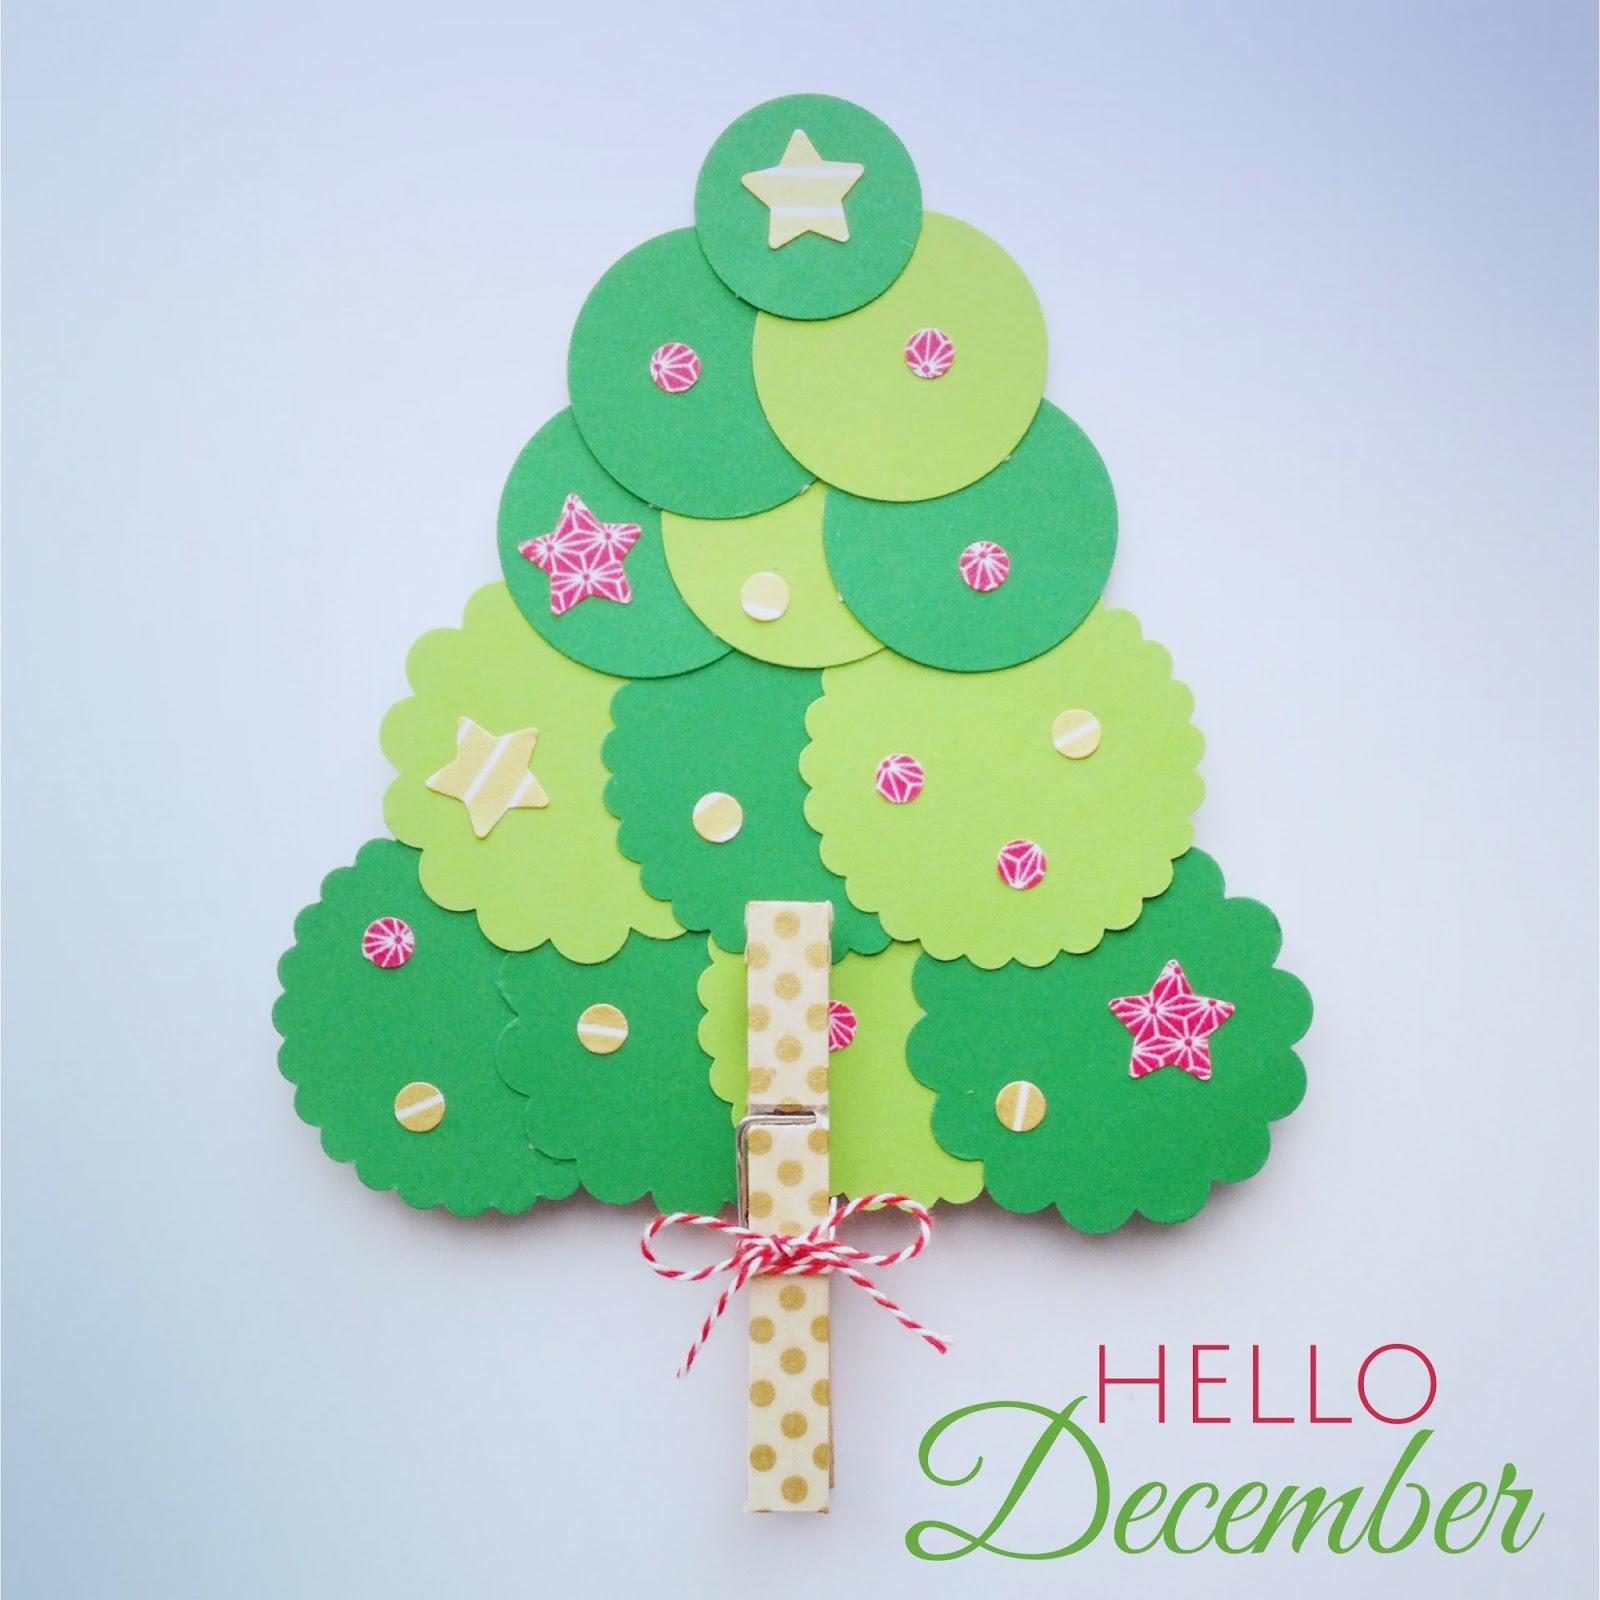 Menta m s chocolate recursos y actividades para - Manualidades para decorar el arbol de navidad ...